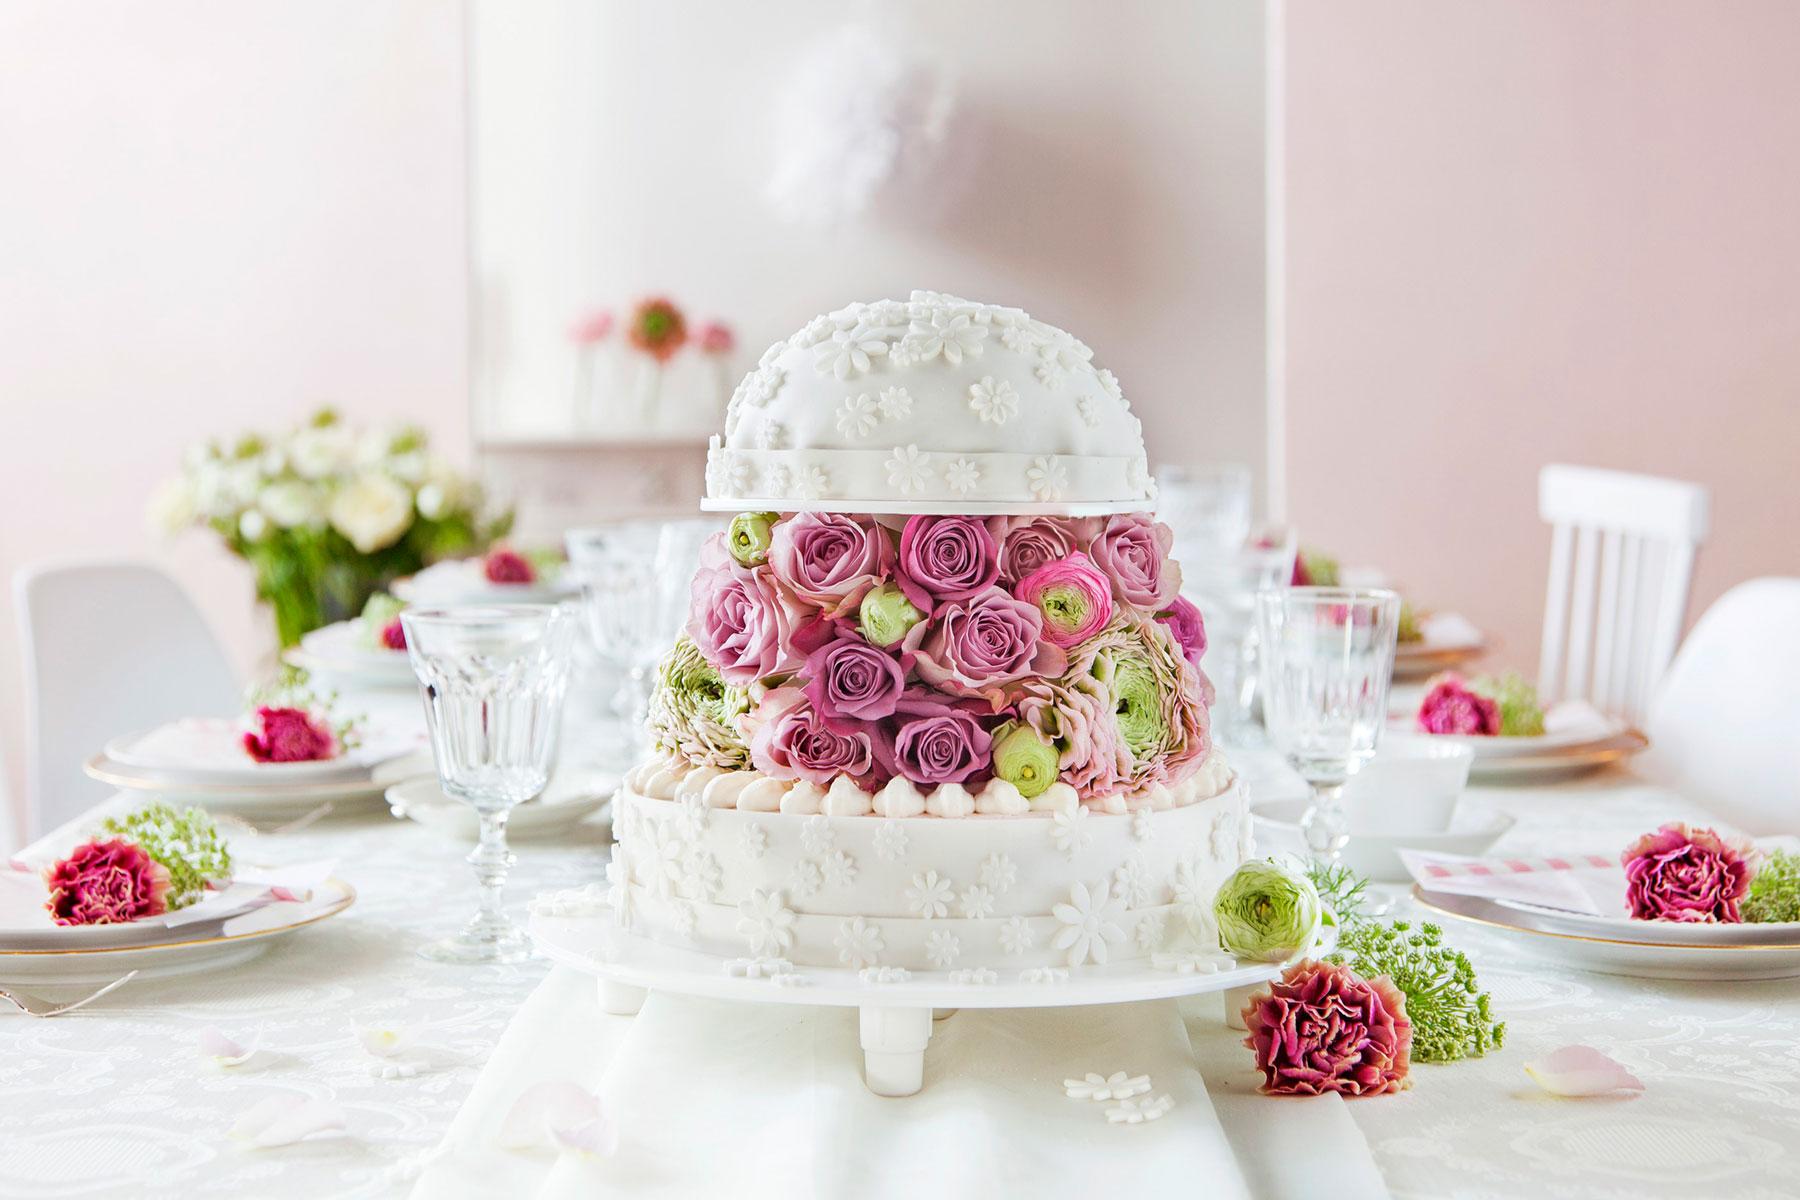 Hochzeitstorte In Weiss Mit Fondant Blumen Anleitung